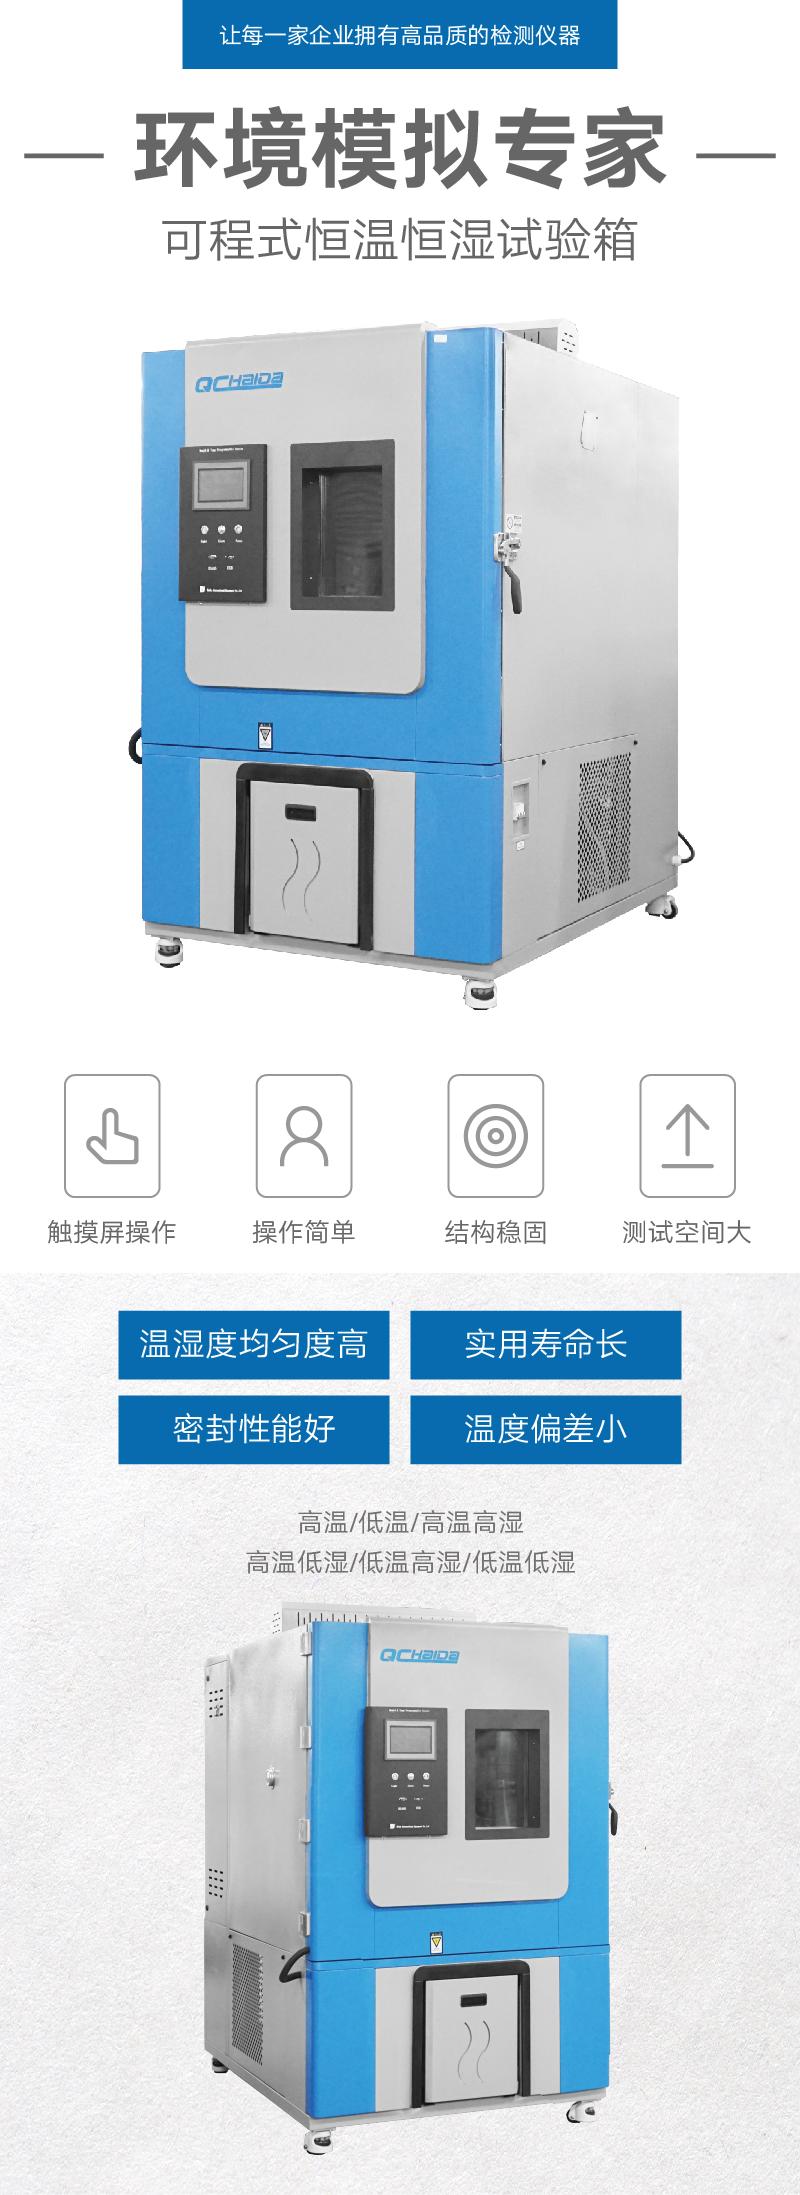 HD-E702-800T大型烤漆款恒温恒湿箱138634325